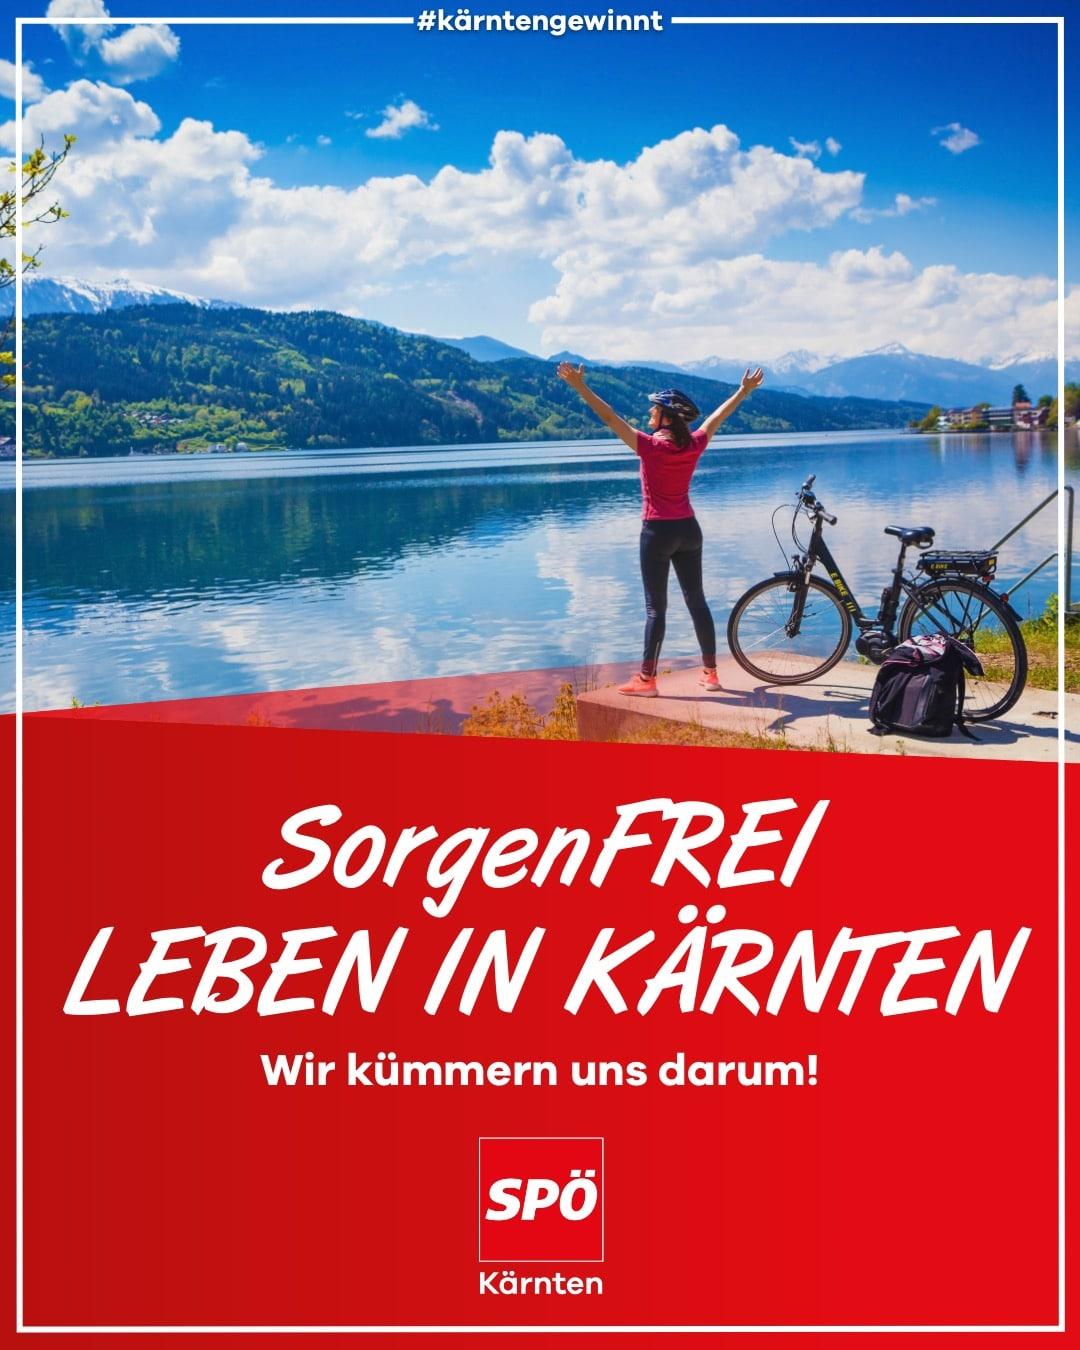 Sorgenfrei leben in Kärnten